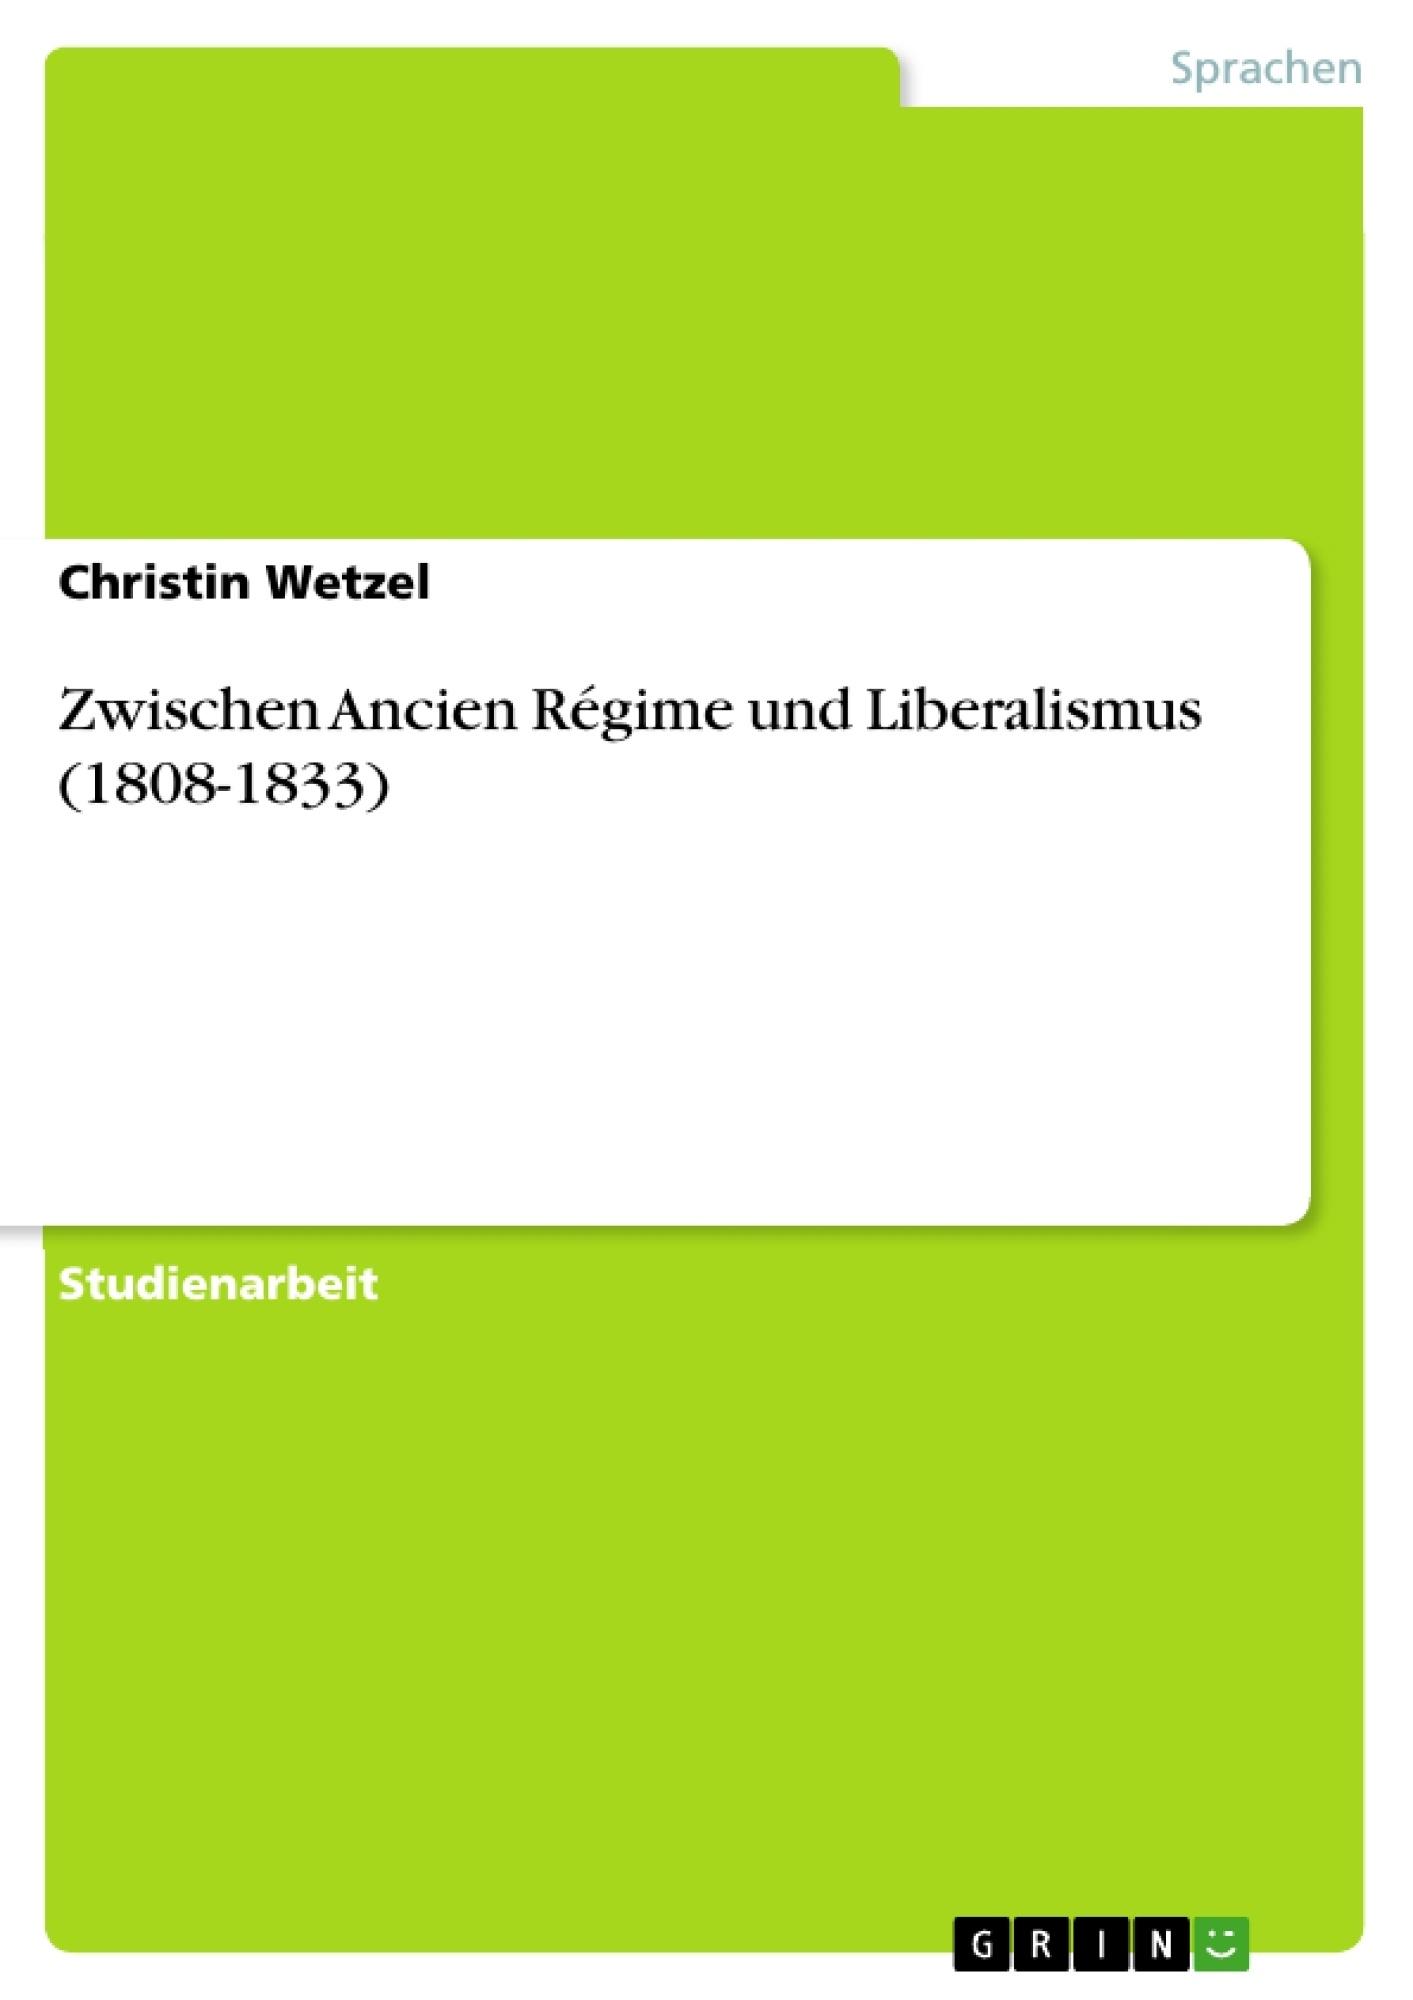 Titel: Zwischen Ancien Régime und Liberalismus (1808-1833)